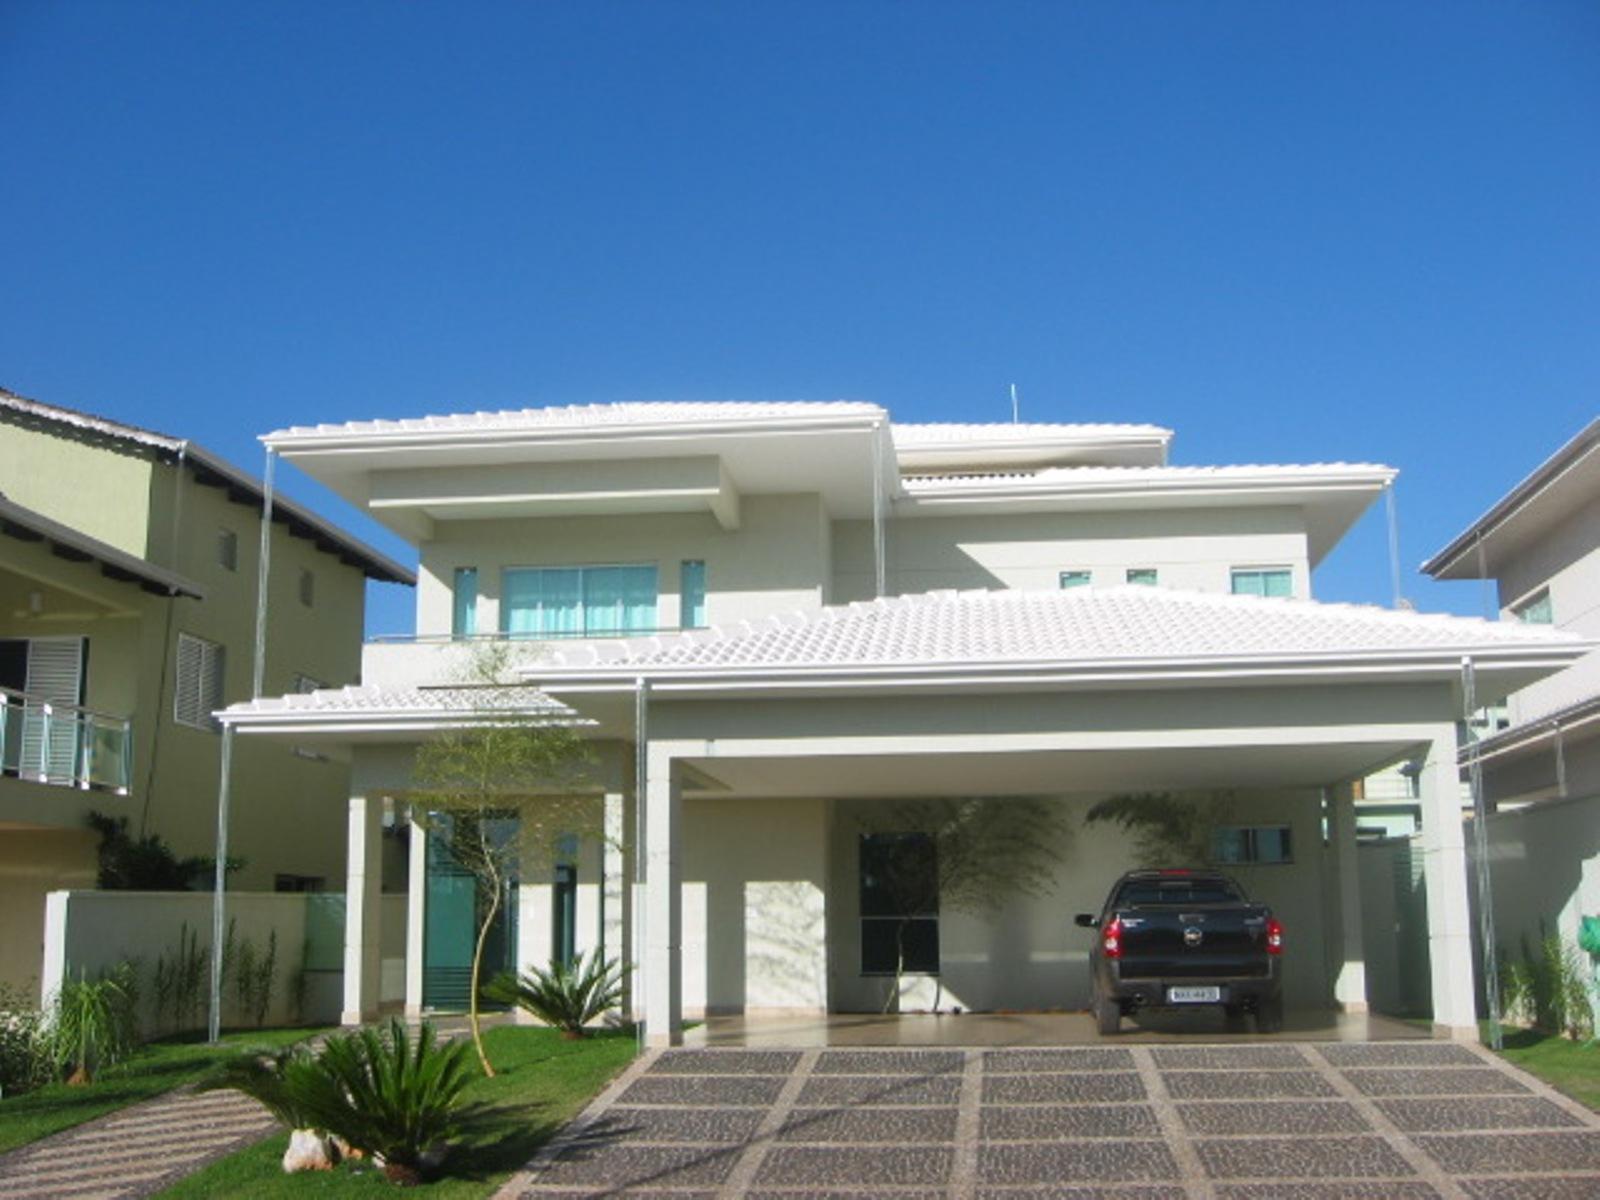 casa telhado branco com carro na garagem